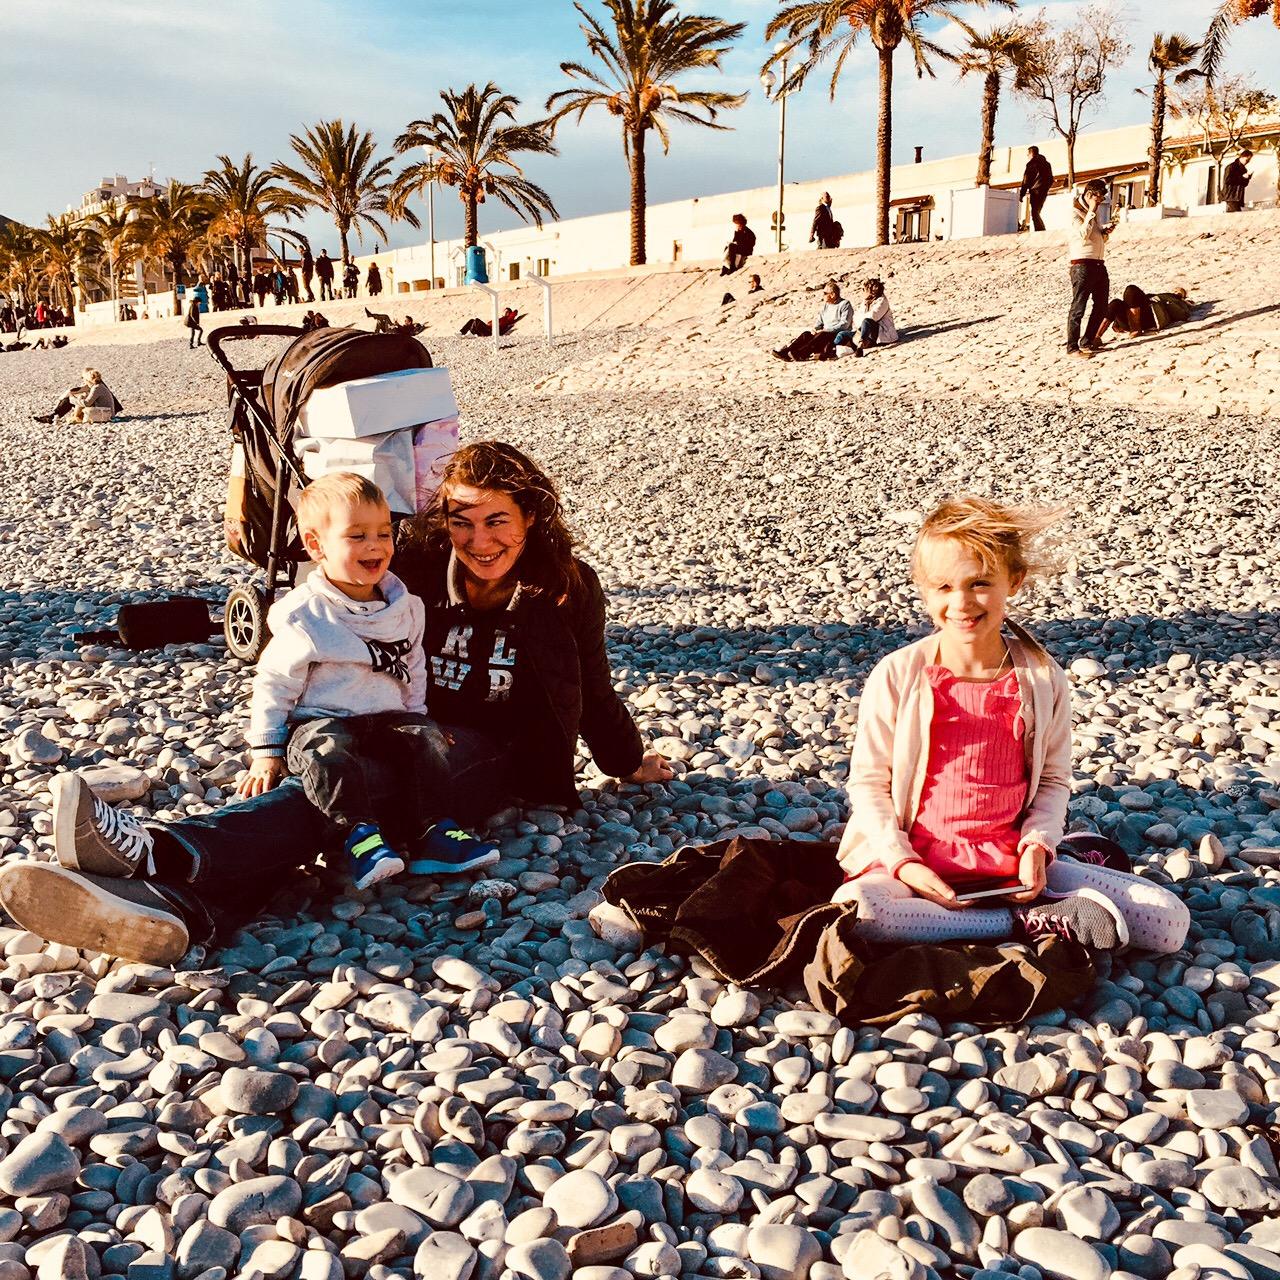 Winterurlaub - Plan B, Januar 2018, Nizza, F